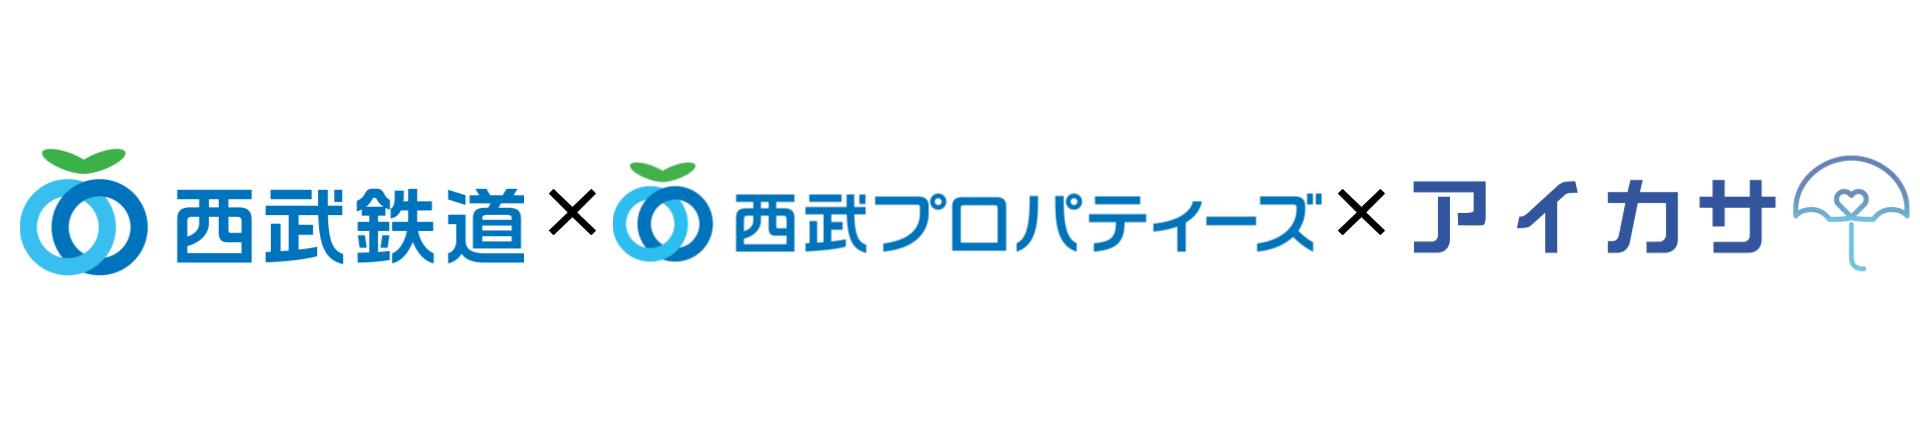 西武鉄道株式会社×株式会社西武プロパティーズ×アイカサ